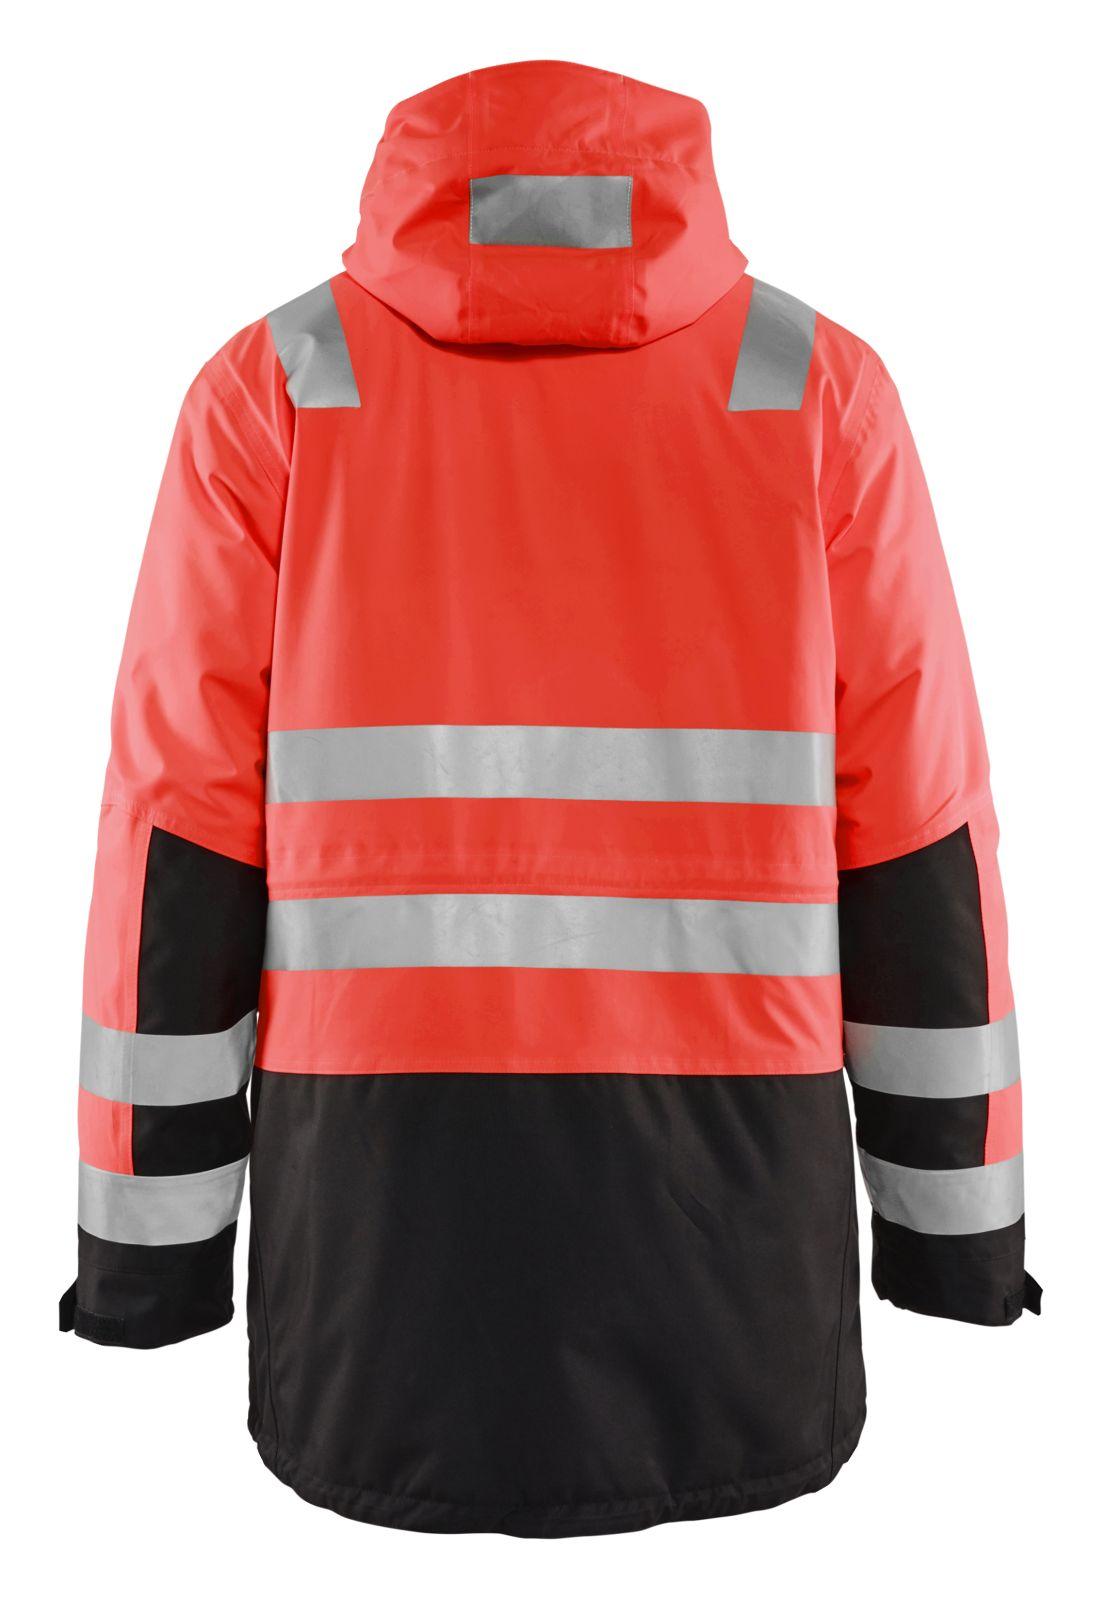 Blaklader Jassen 44951987 High Vis fluo rood-zwart(5599)